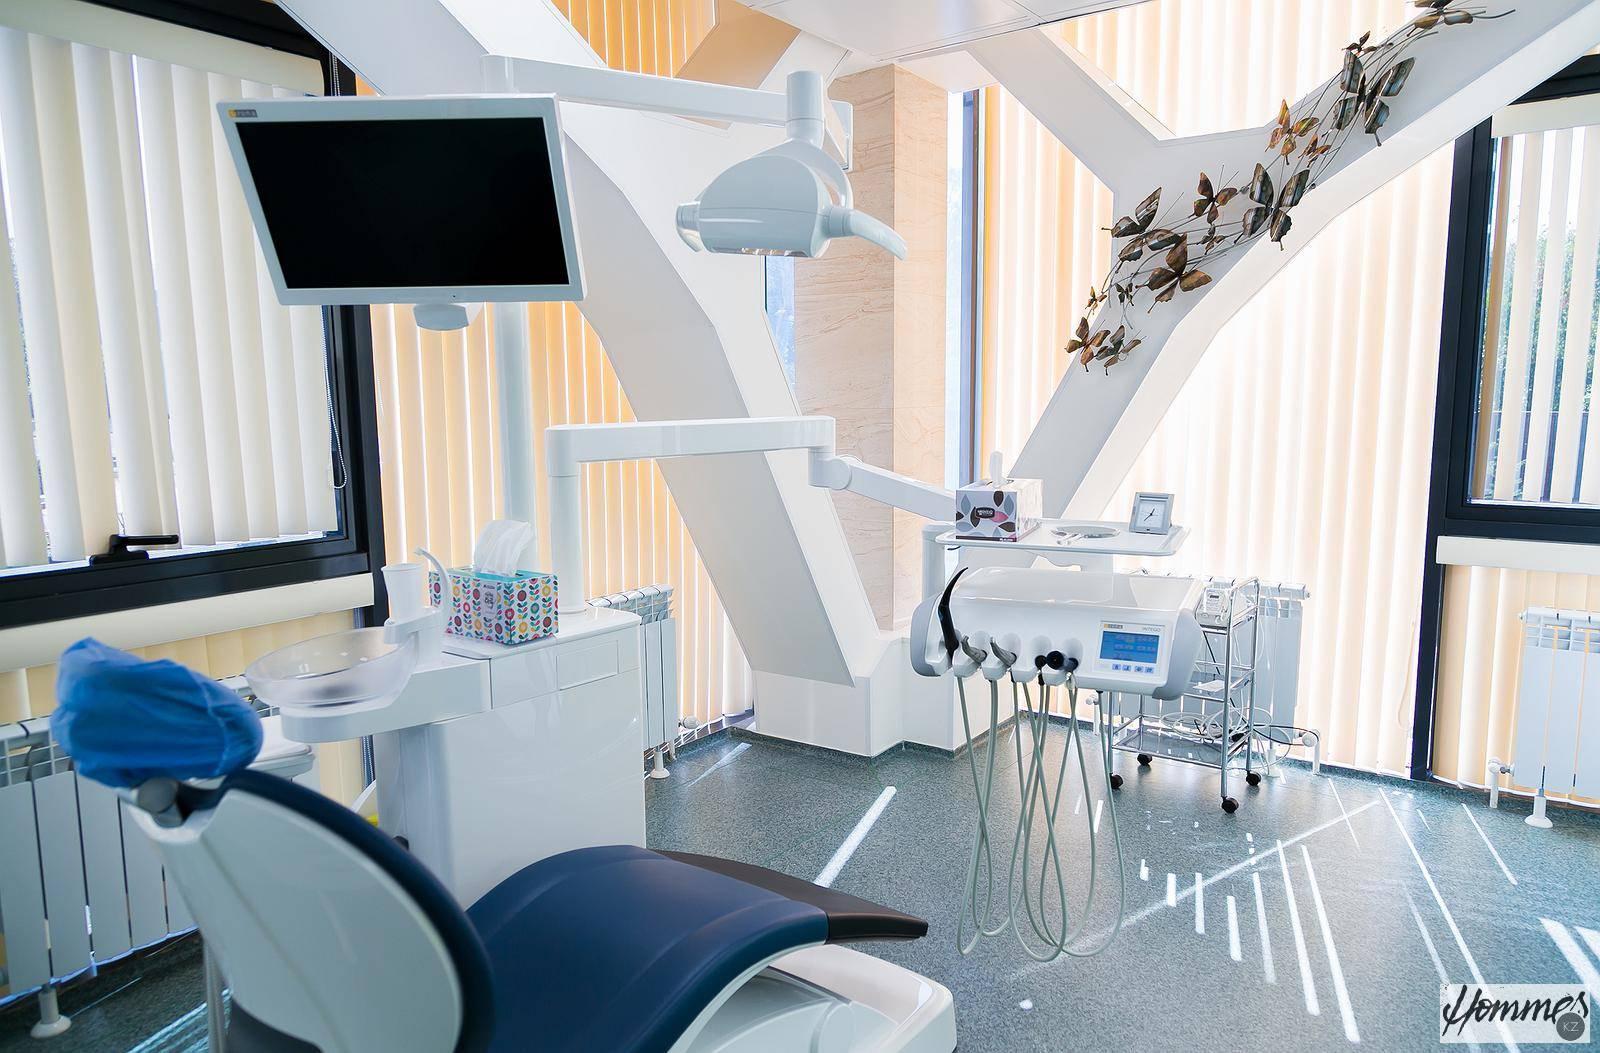 Лечение в европе, лечебные курорты европы